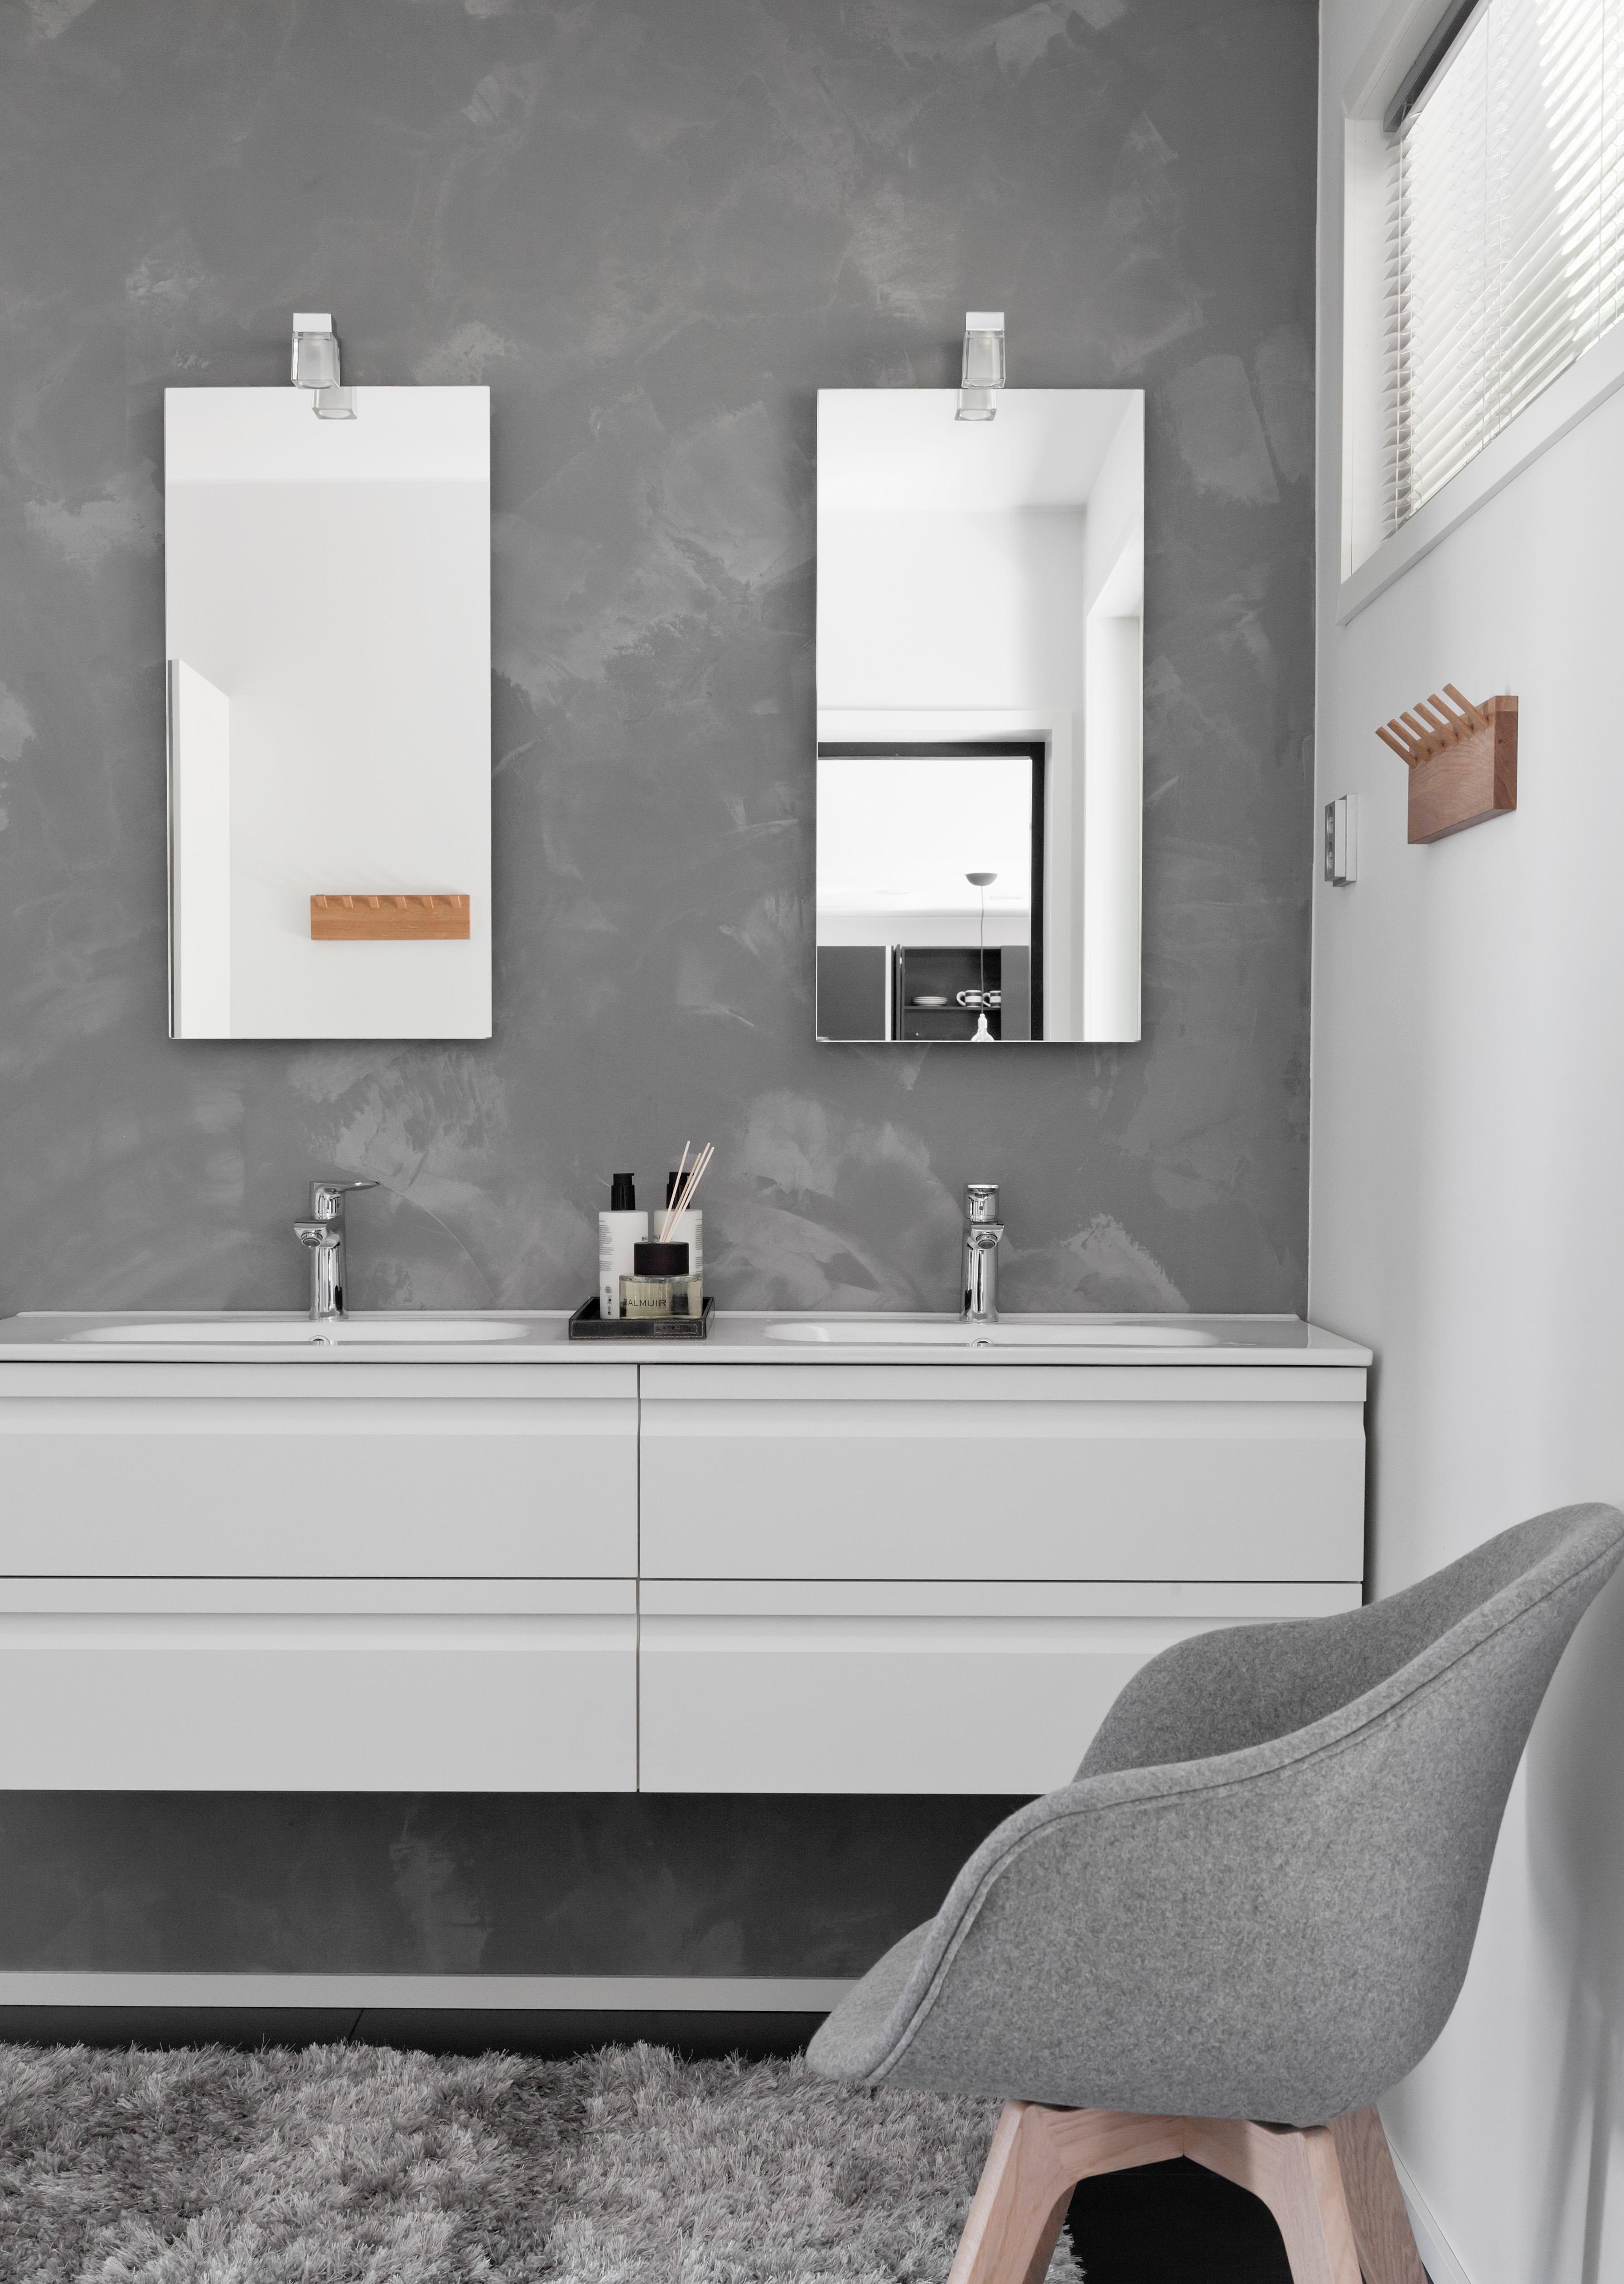 Monipuolisesti kylpyhuonevalaisimet kylpyhuoneeseen ja saunaan